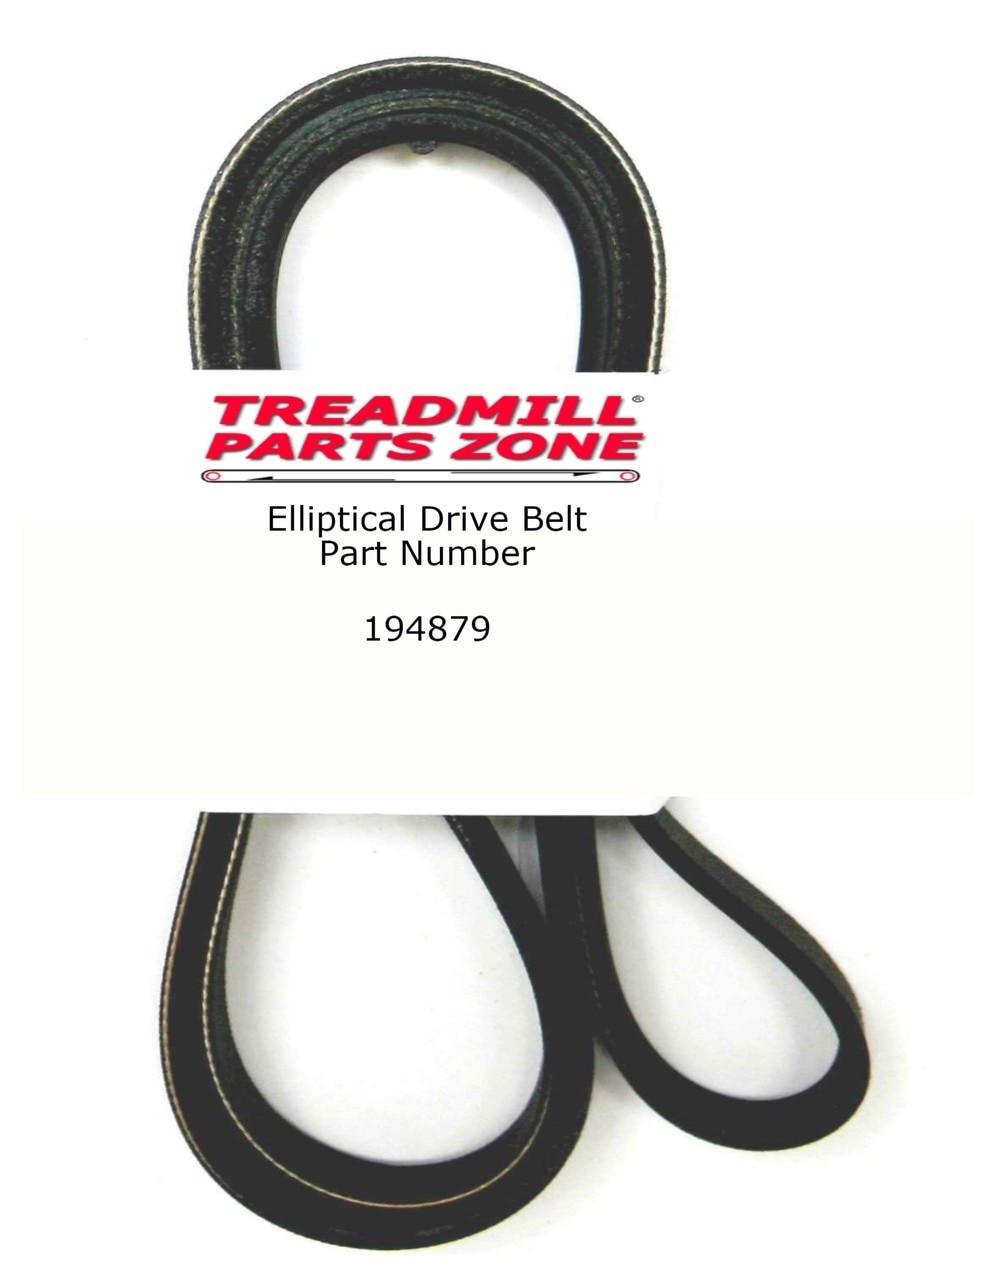 ProForm Bike Model PFEVEX61040 764HR Drive Pulley Belt Part Number 194879